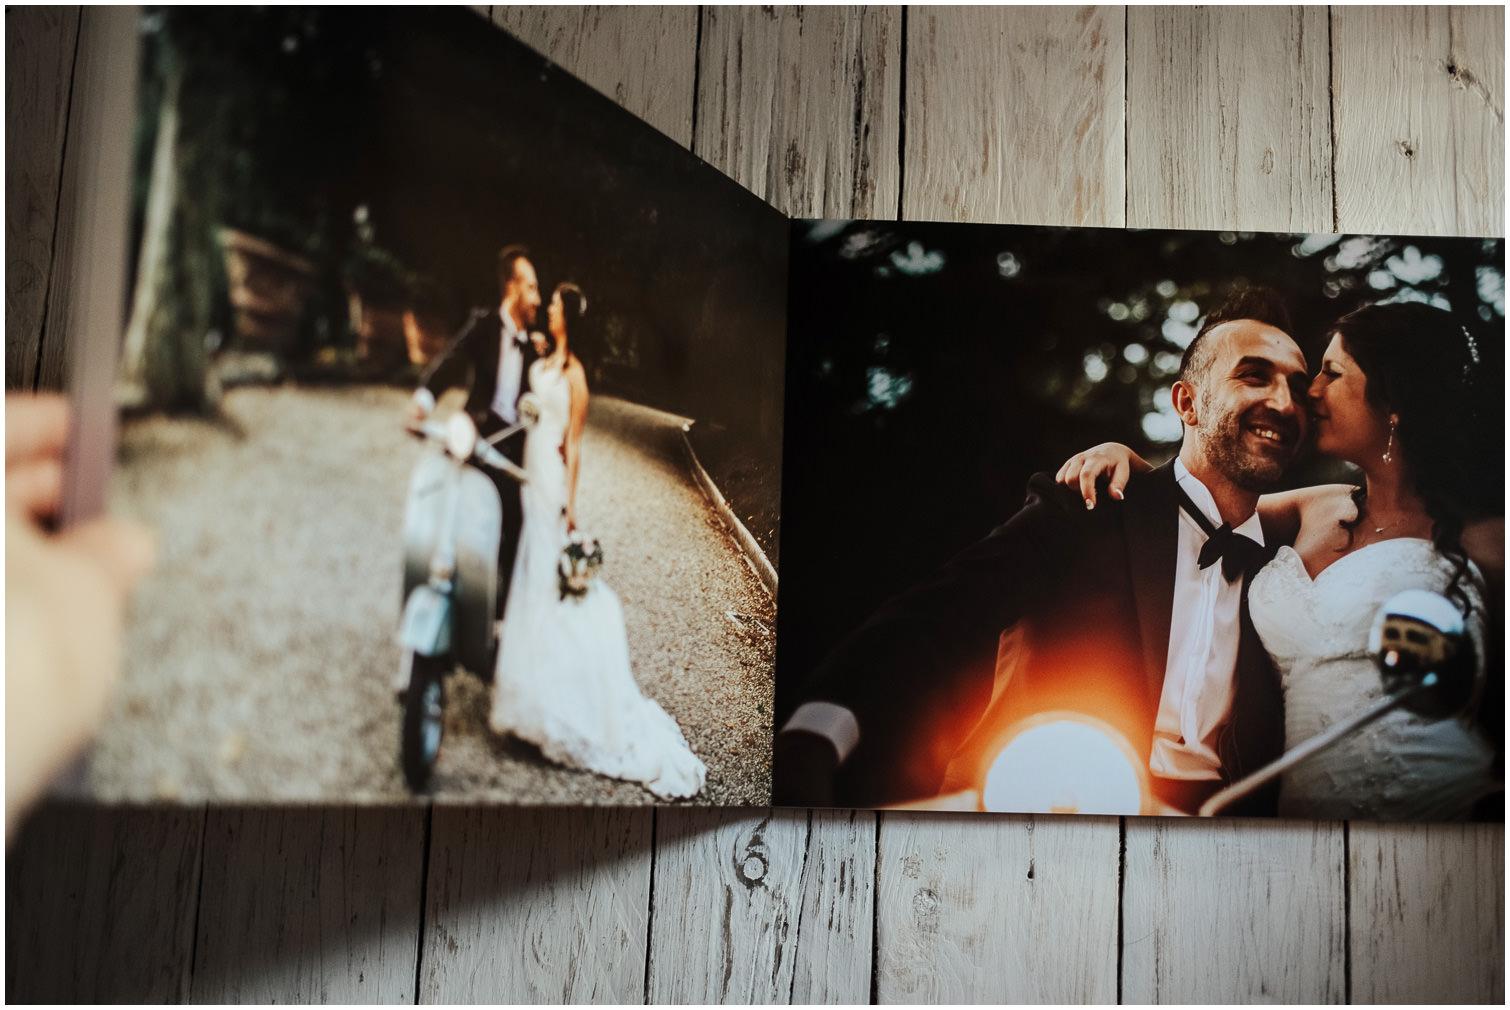 SARA-LORENZONI-FOTOGRAFIA-SILVIA-FILIPPO-YOUNG-BOOK-7